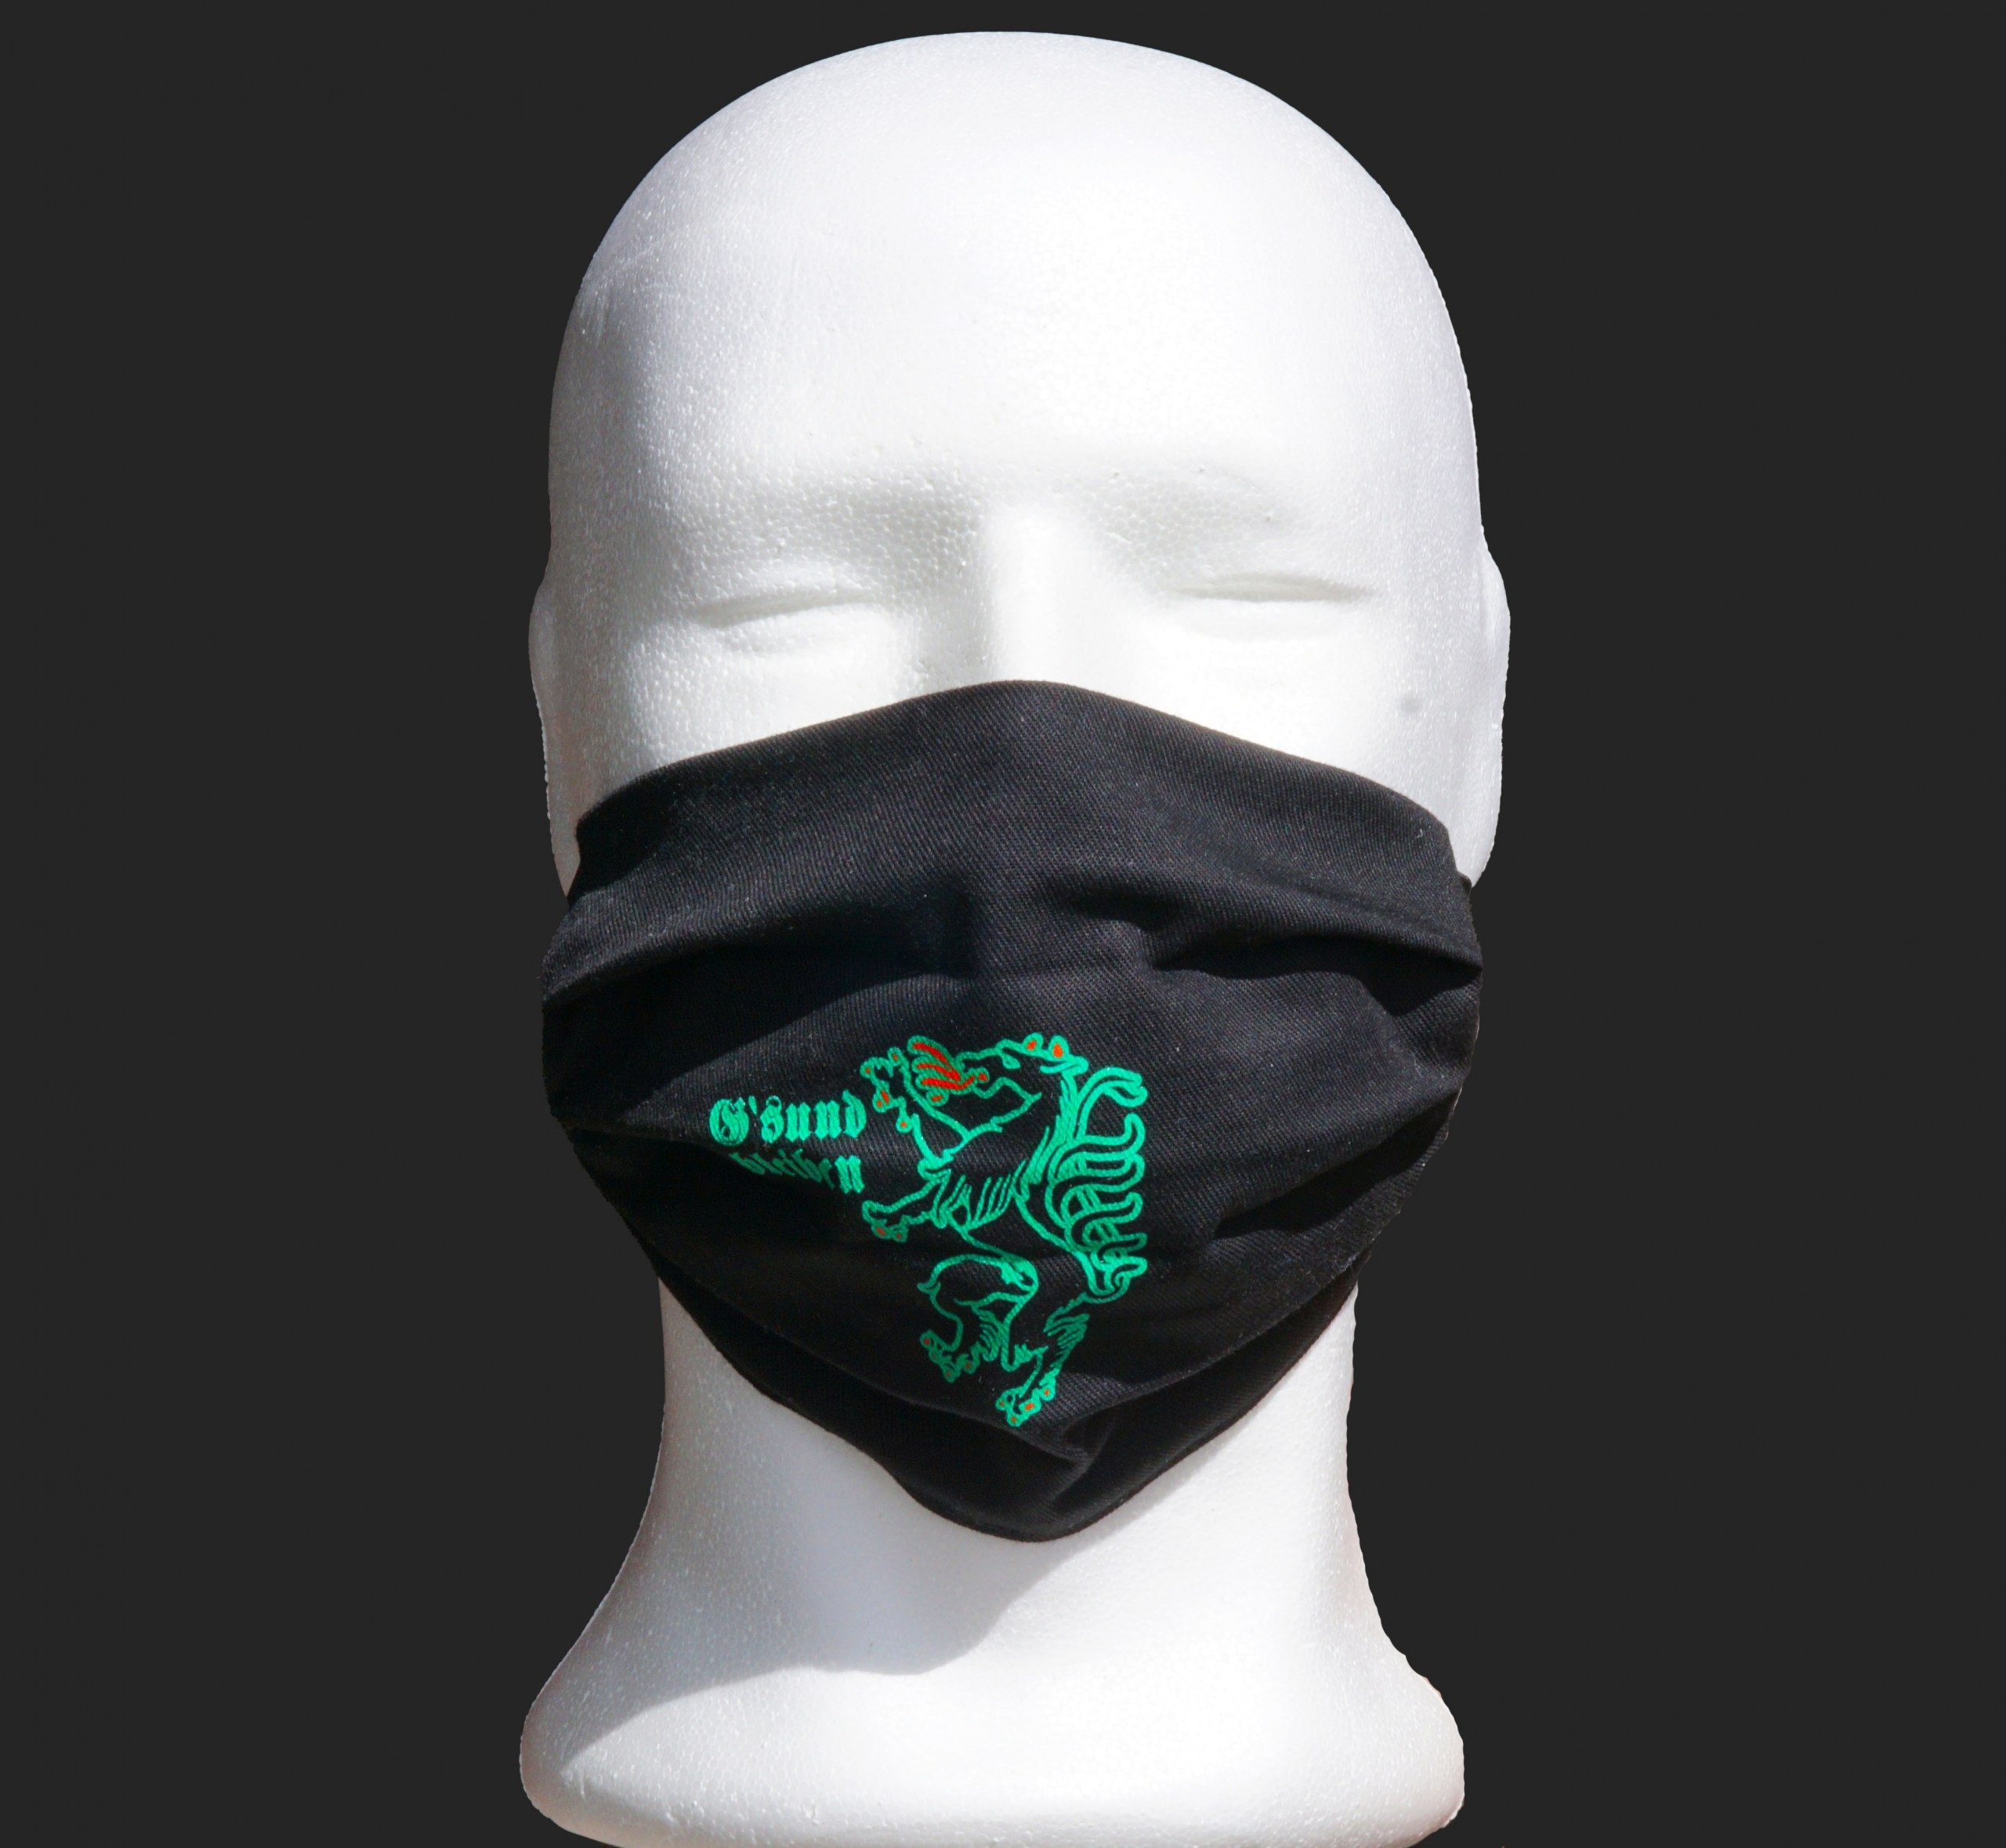 Schutzmaske Steirer Gsund